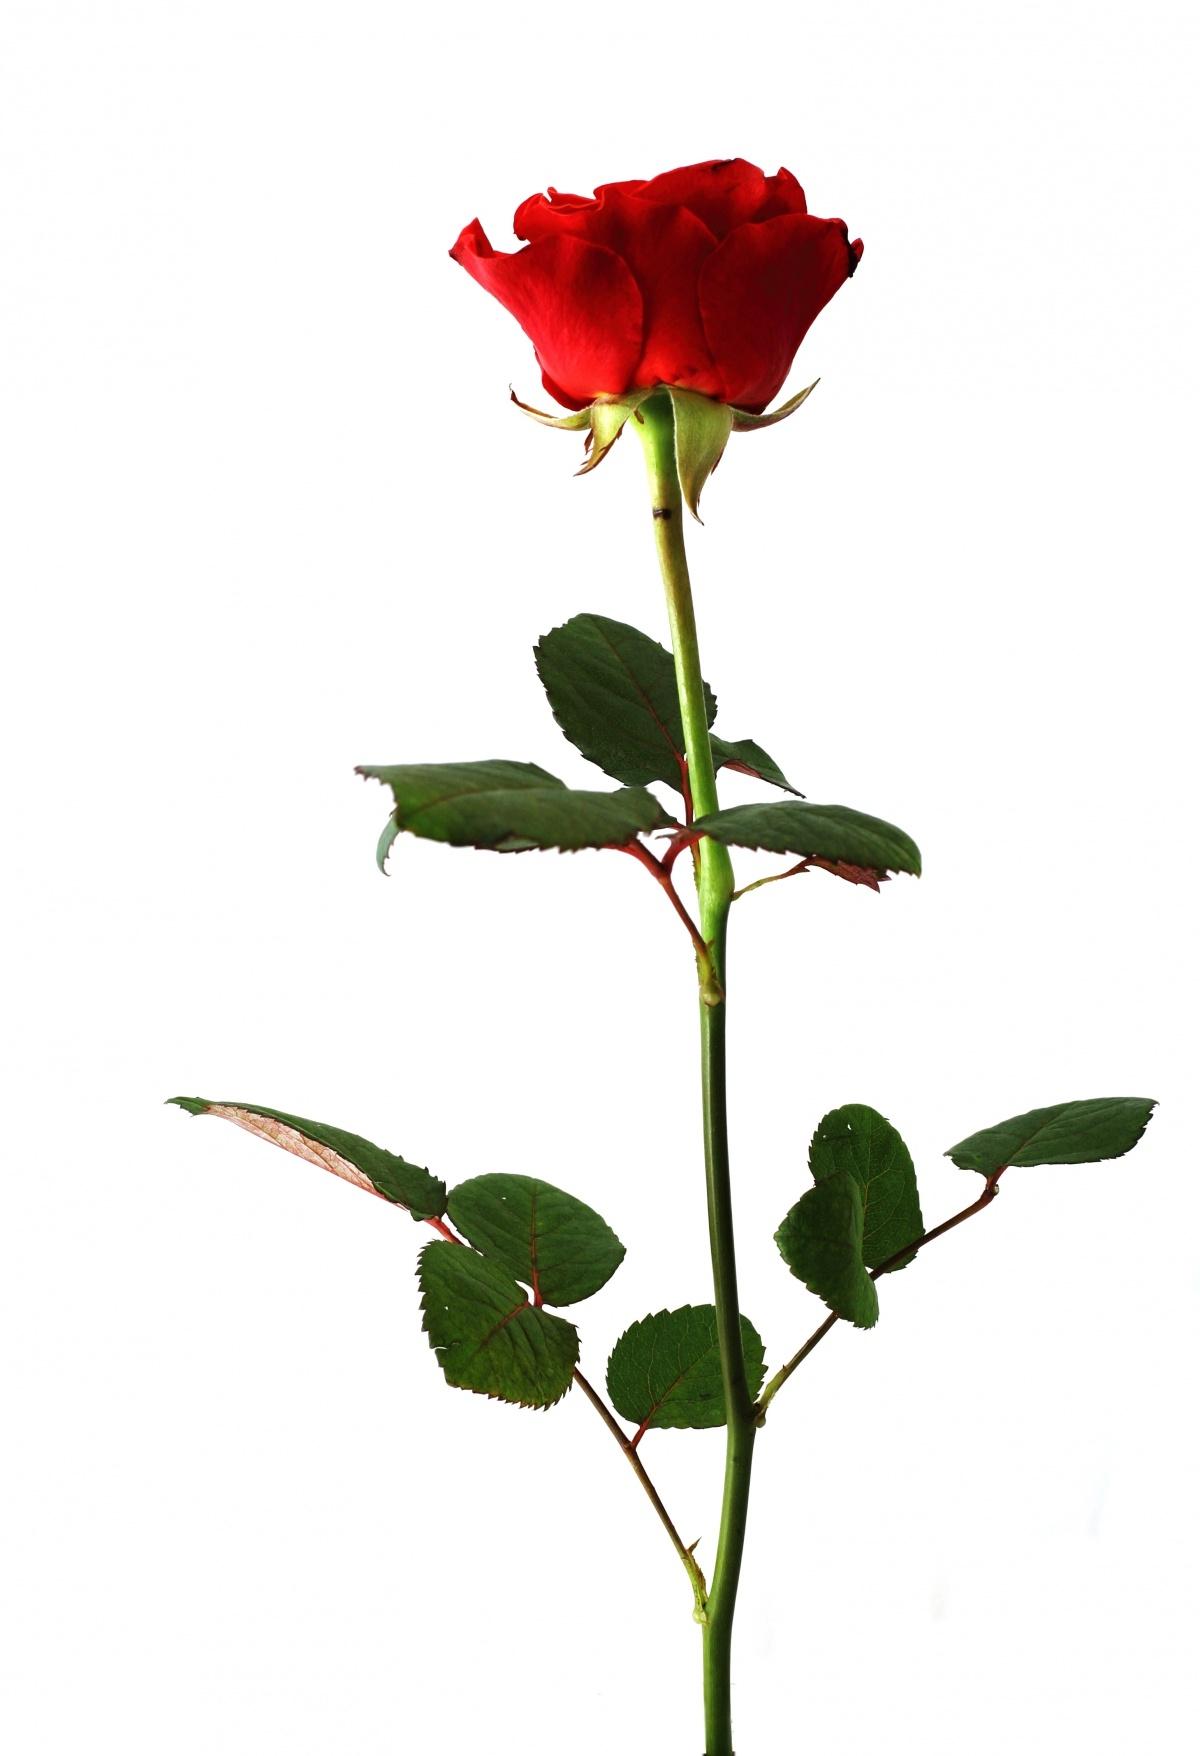 фото одной розы на белом фоне районе лос-фелис